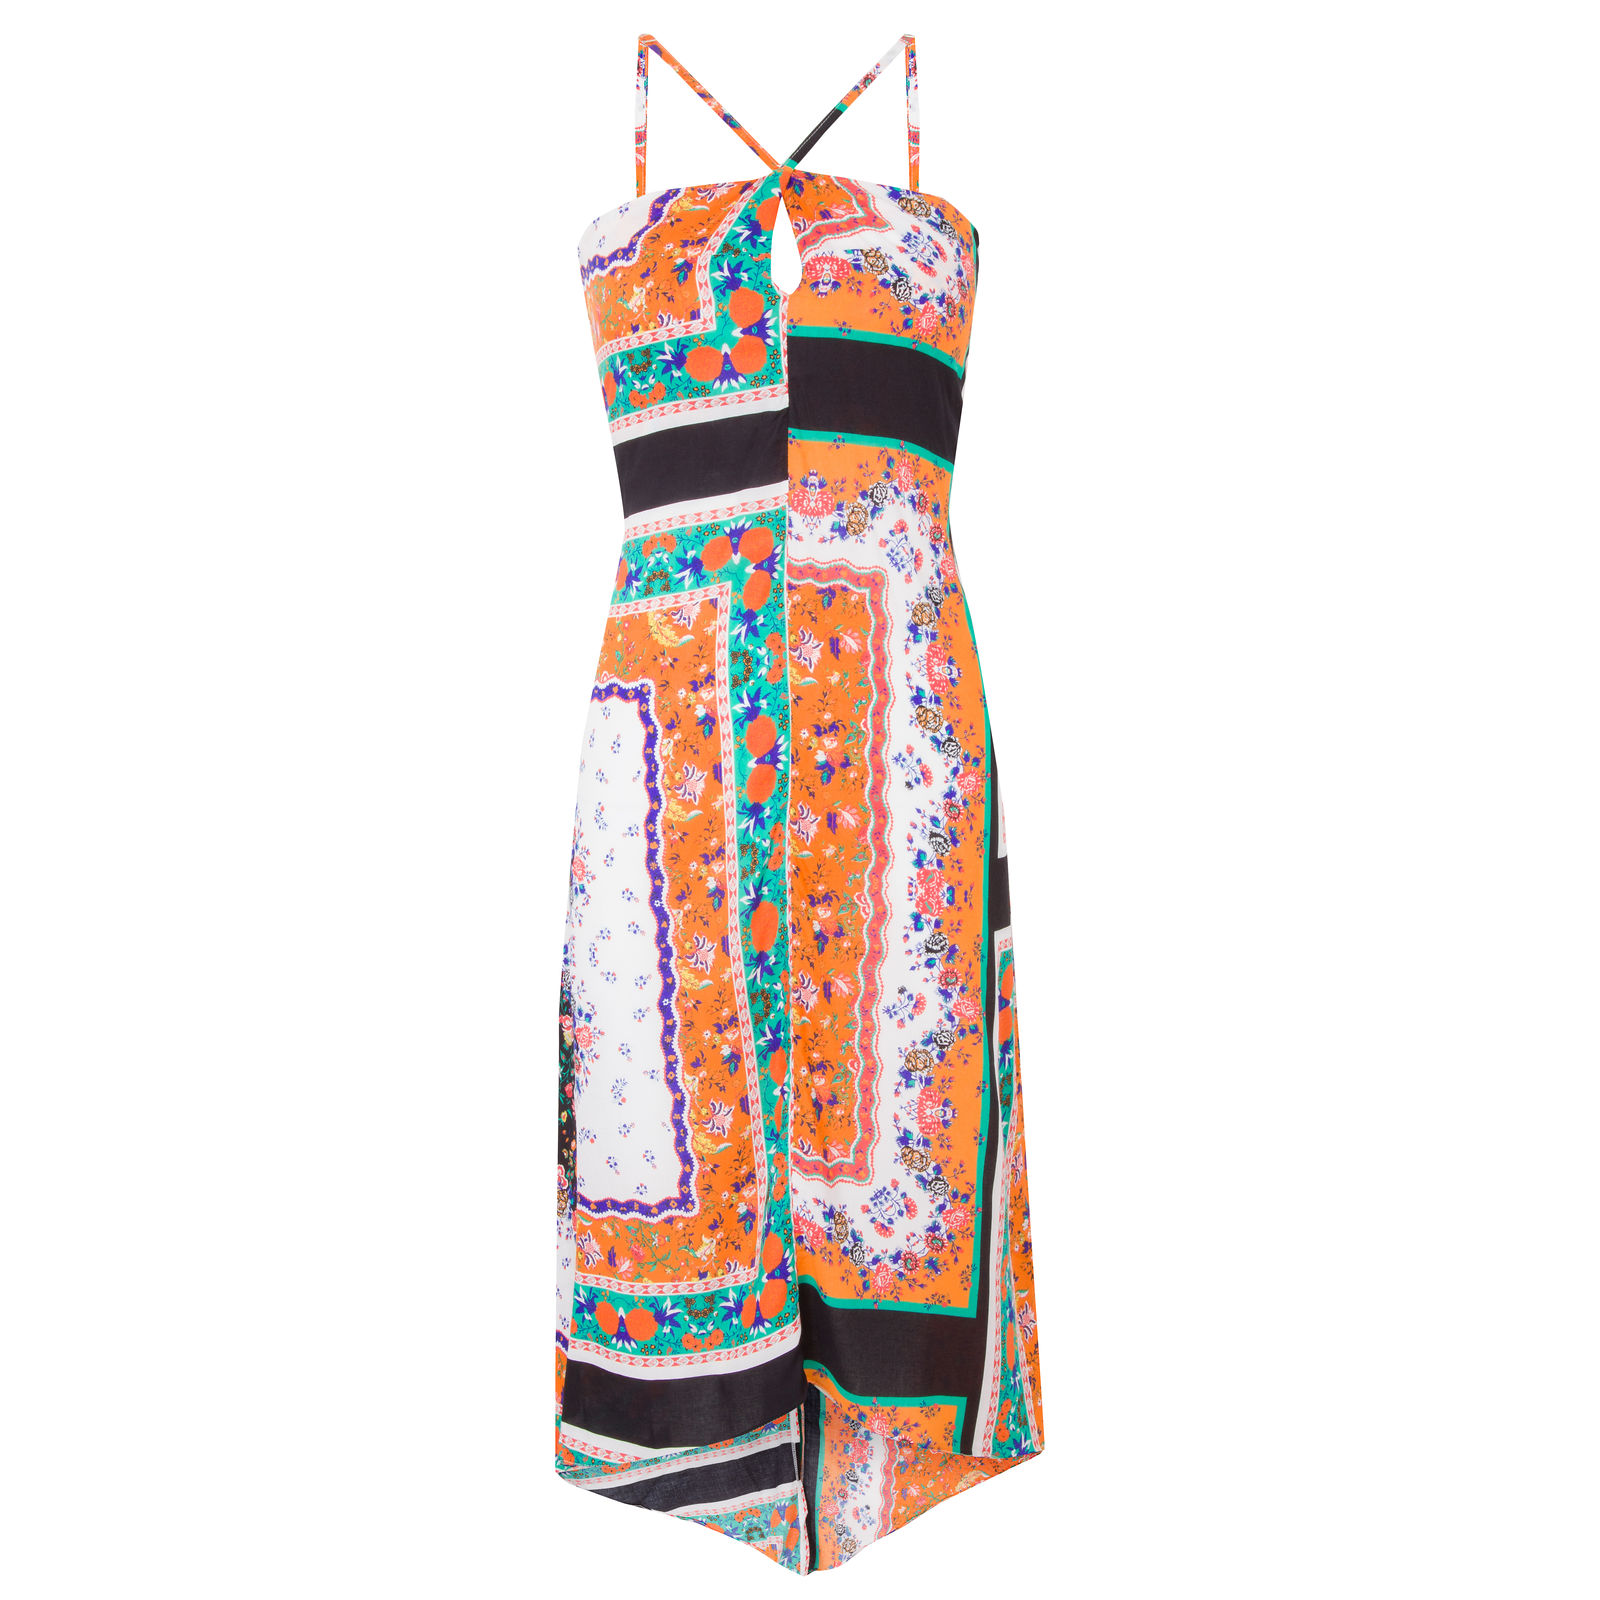 Vestido Mídi Cruzado Flora Market 33 - Laranja